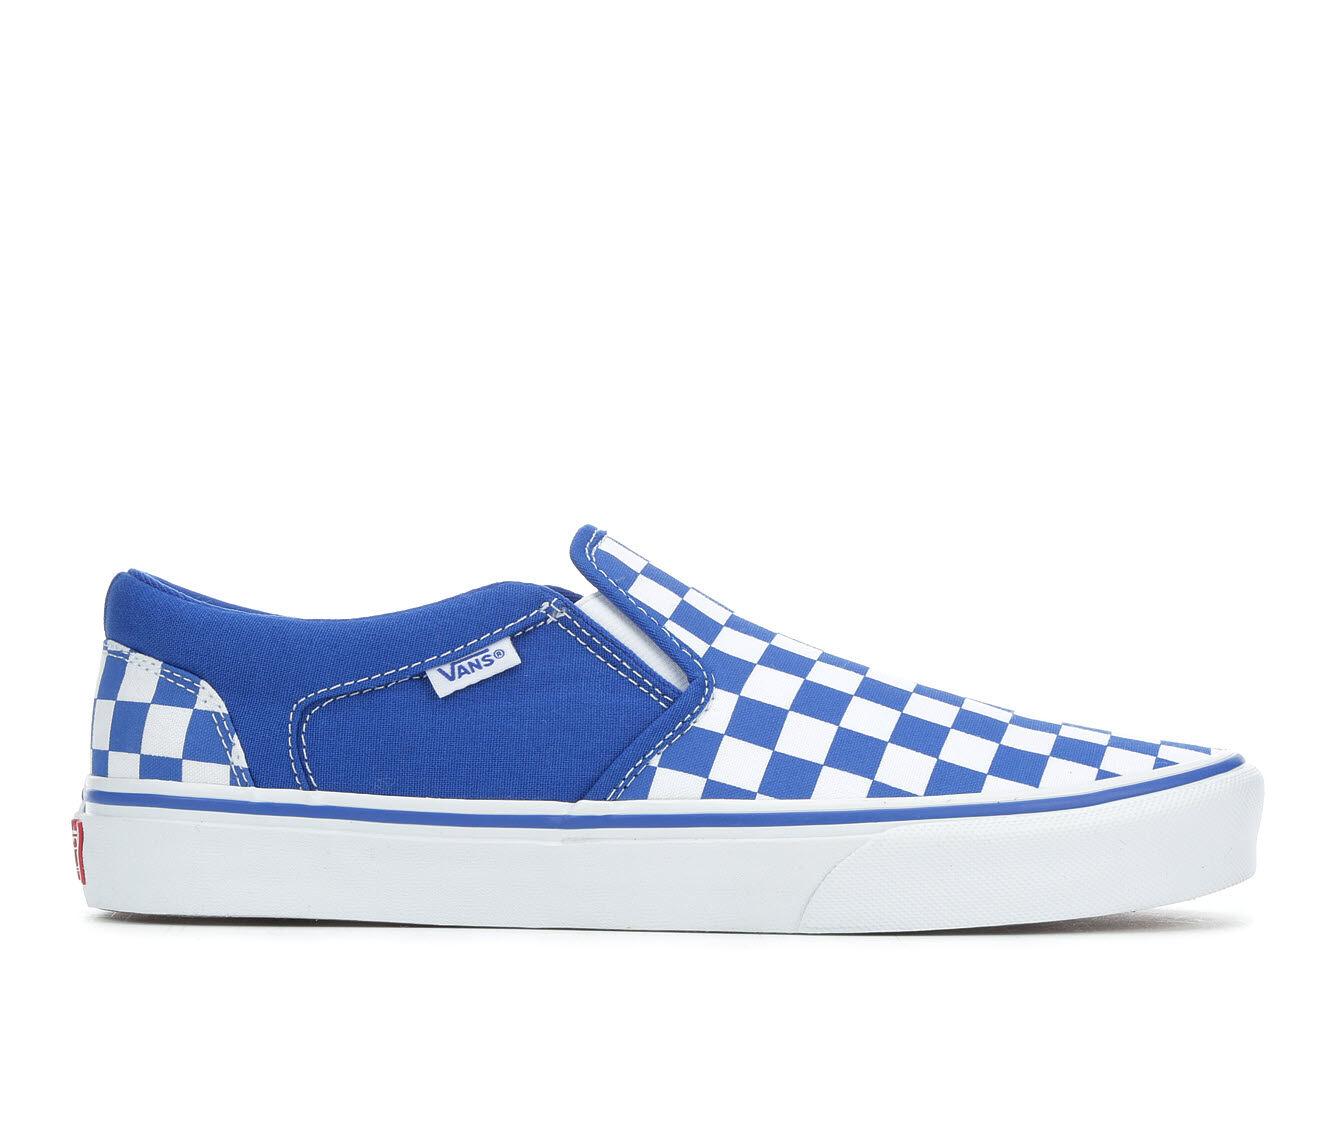 Men's Vans Asher Slip-On Skate Shoes Blu/Wht Check